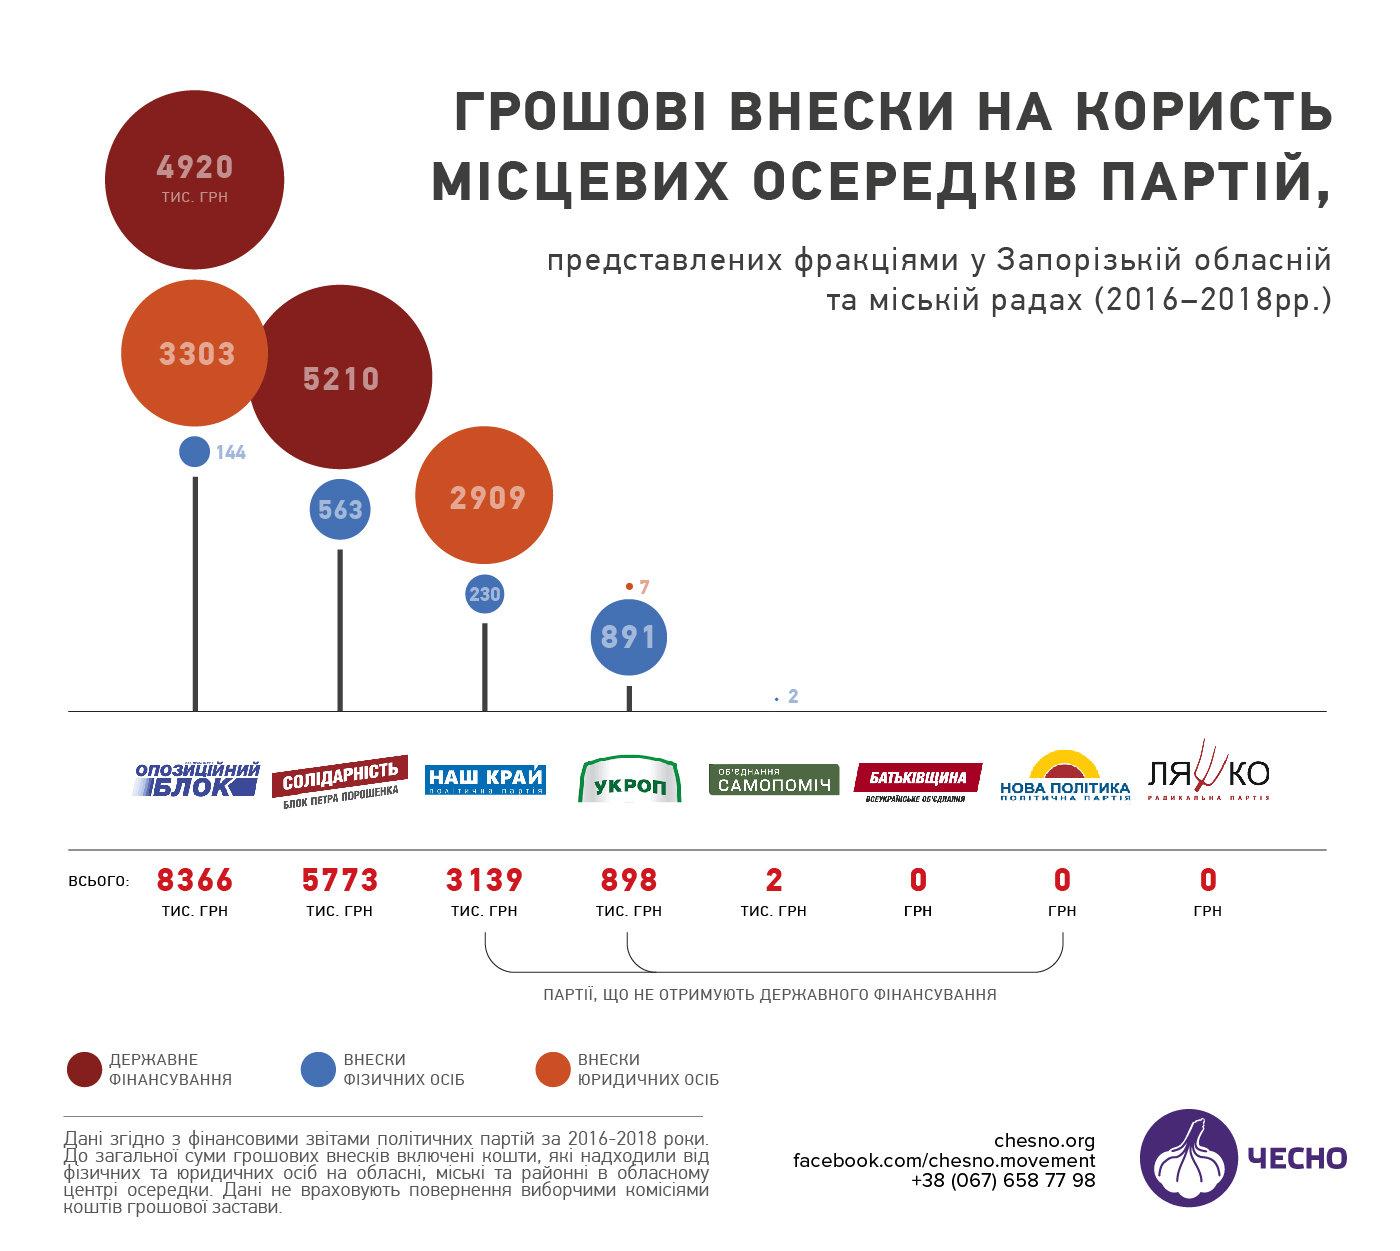 Опубликованы данные о финансировании партий в Запорожье: лидируют «Оппоблок», «Солидарность» и «Наш Край» , фото-1